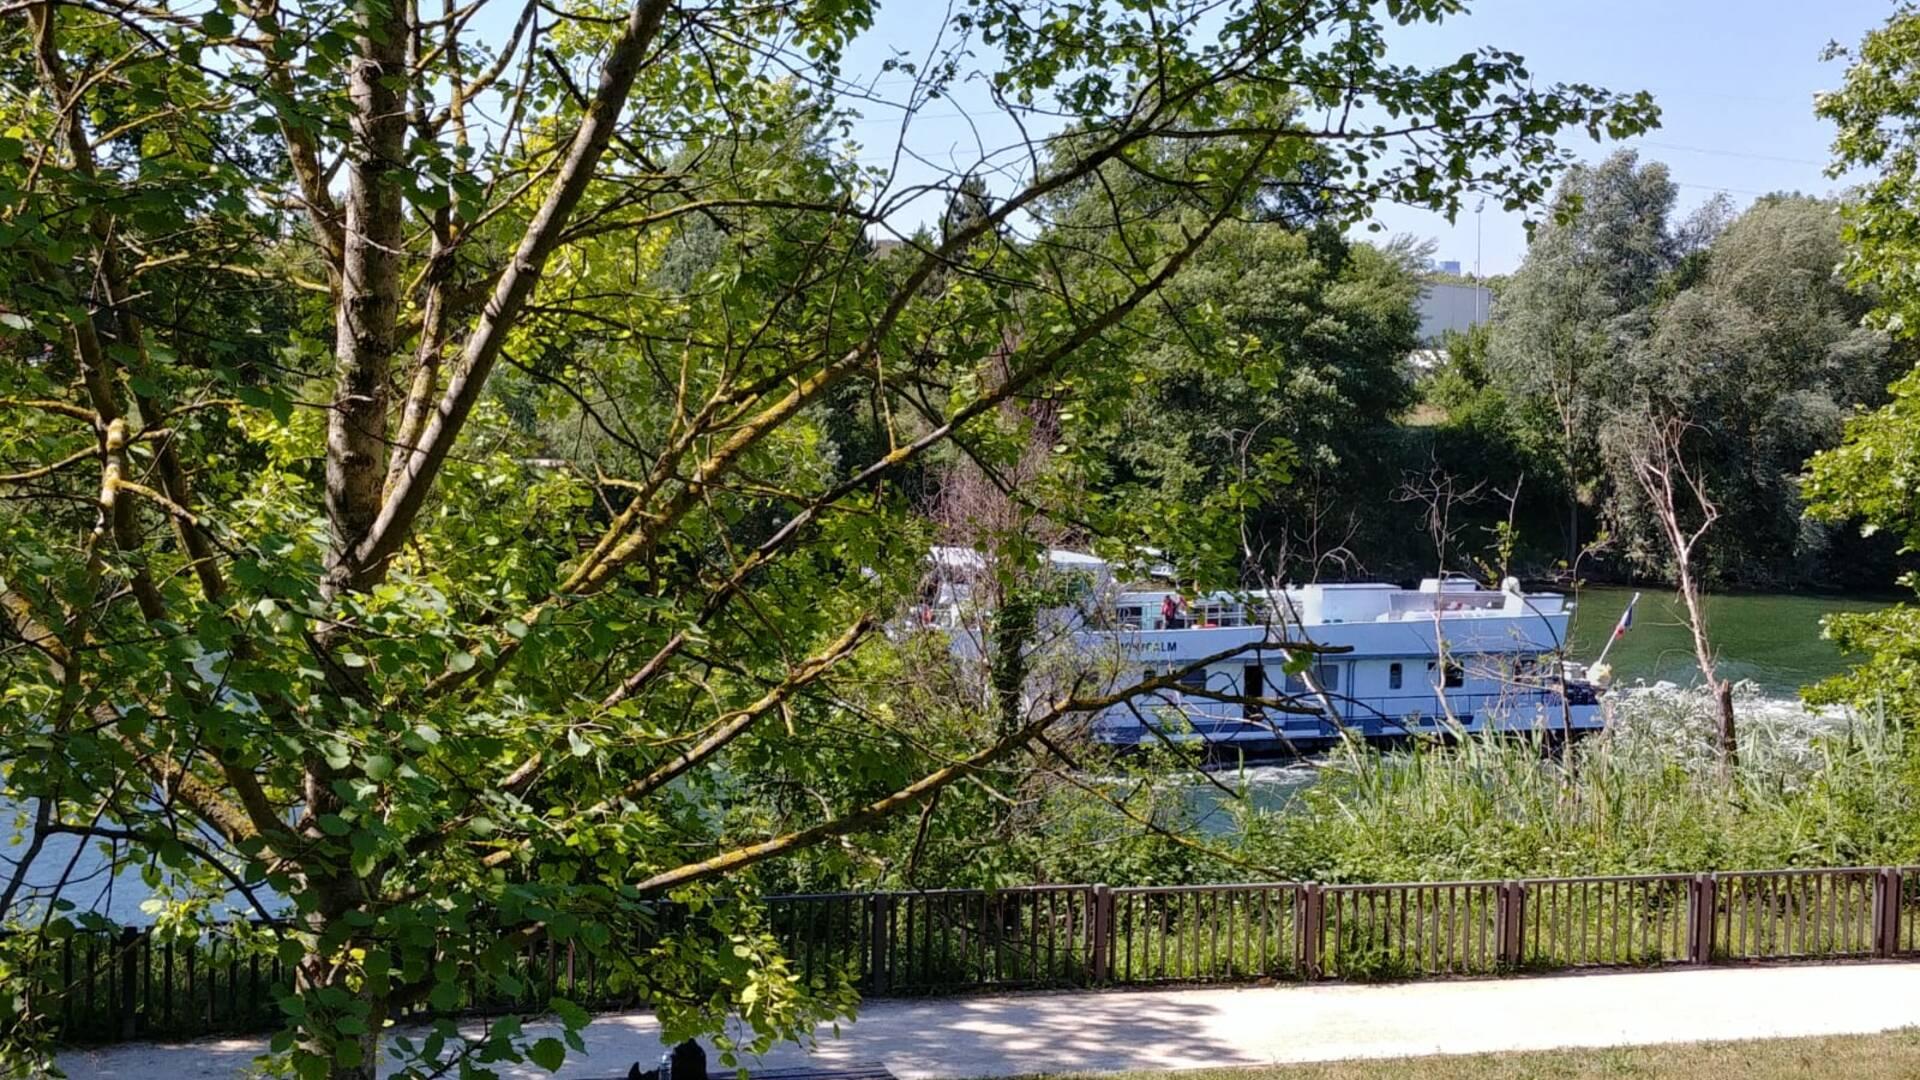 Parc L'Île-Saint-Denis - Office de tourisme Plaine Commune Grand Paris